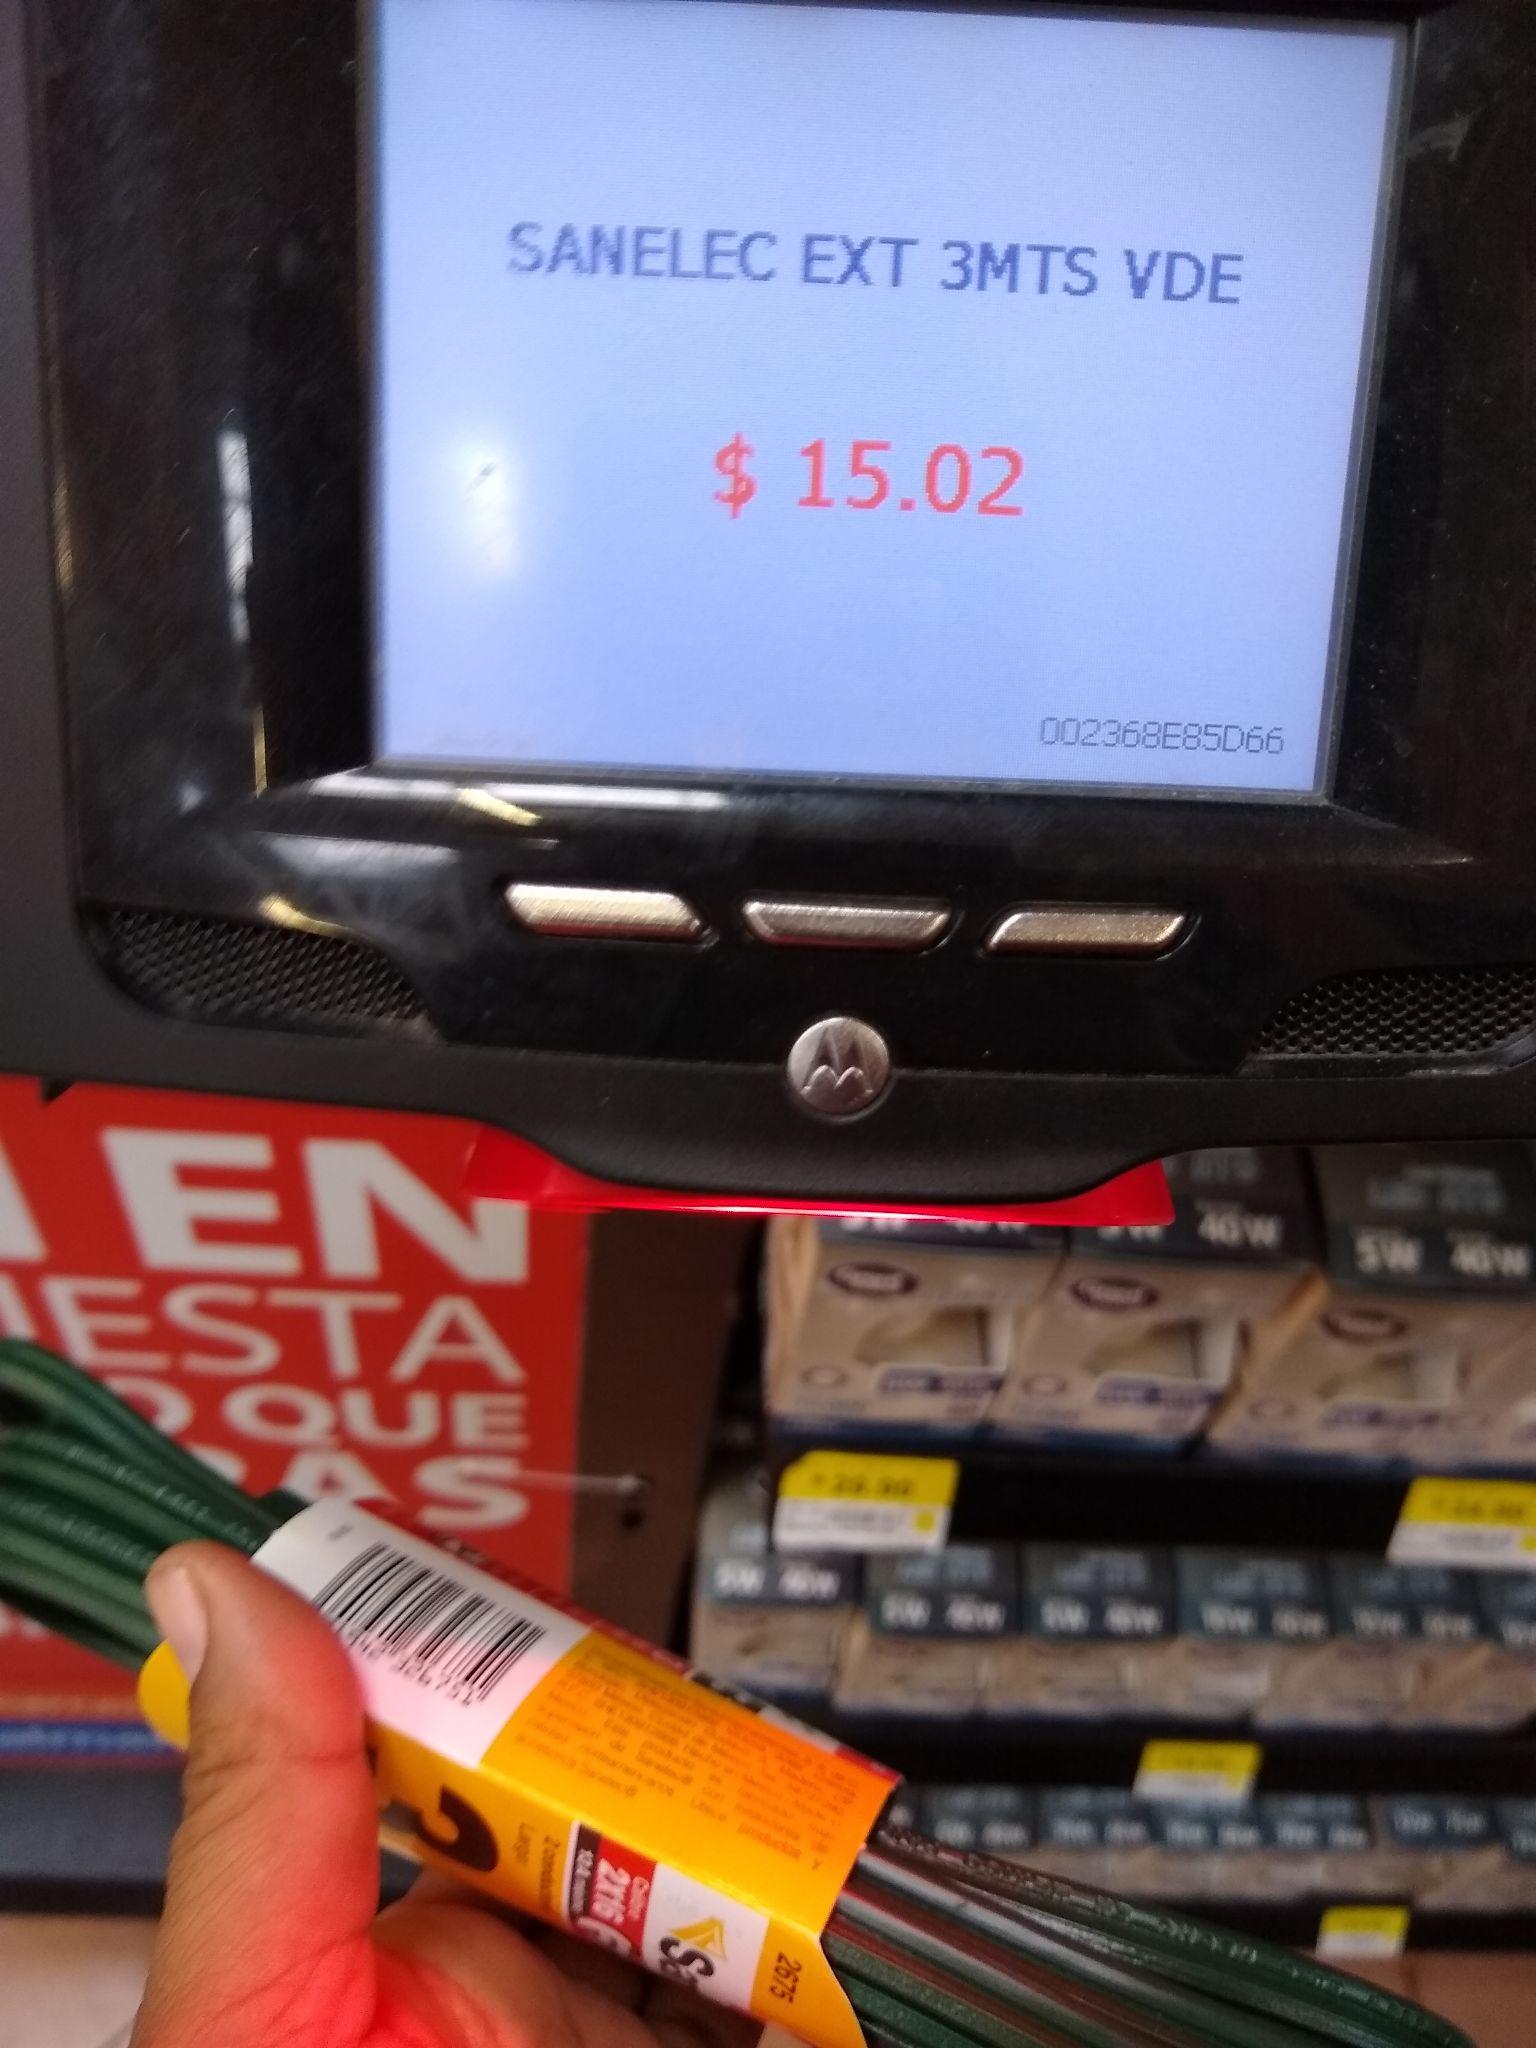 Walmart extención de 3 metros en $15.02